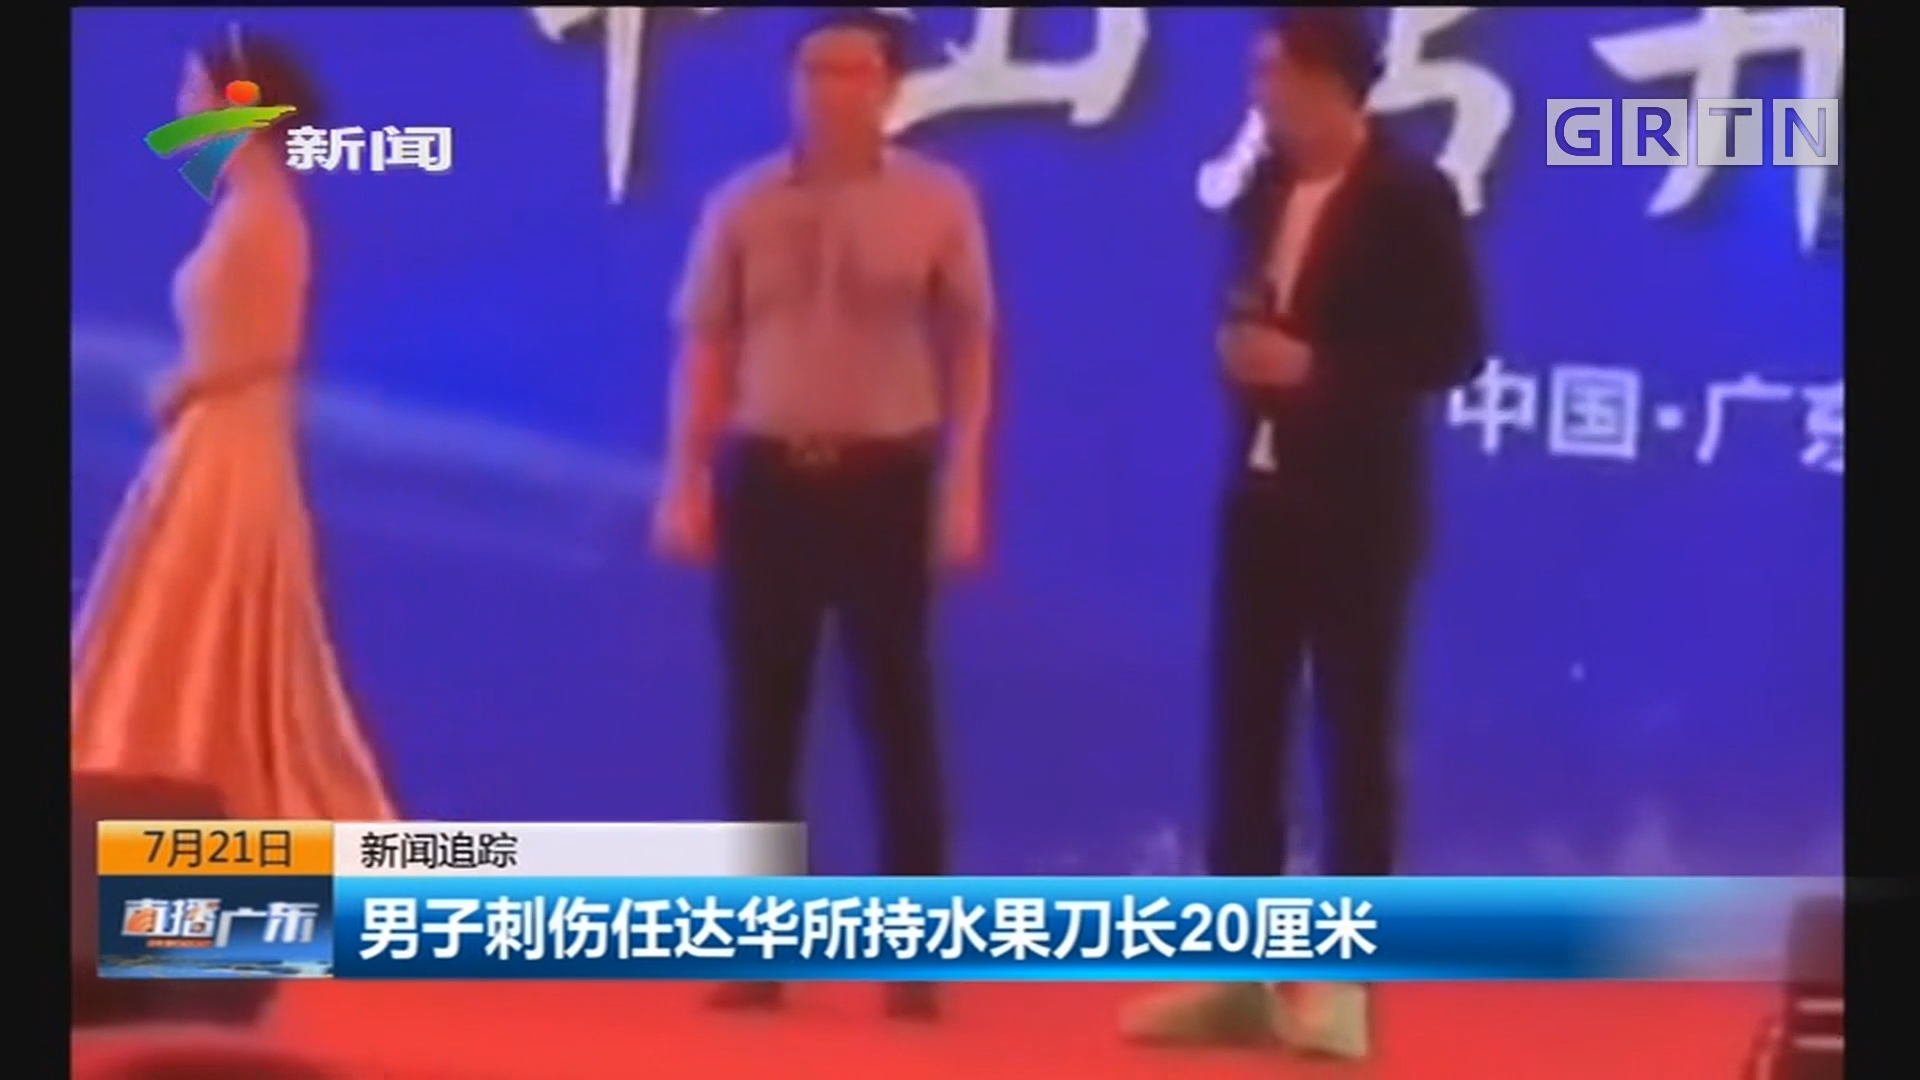 新闻追踪:男子刺伤任达华所持水果刀长20厘米